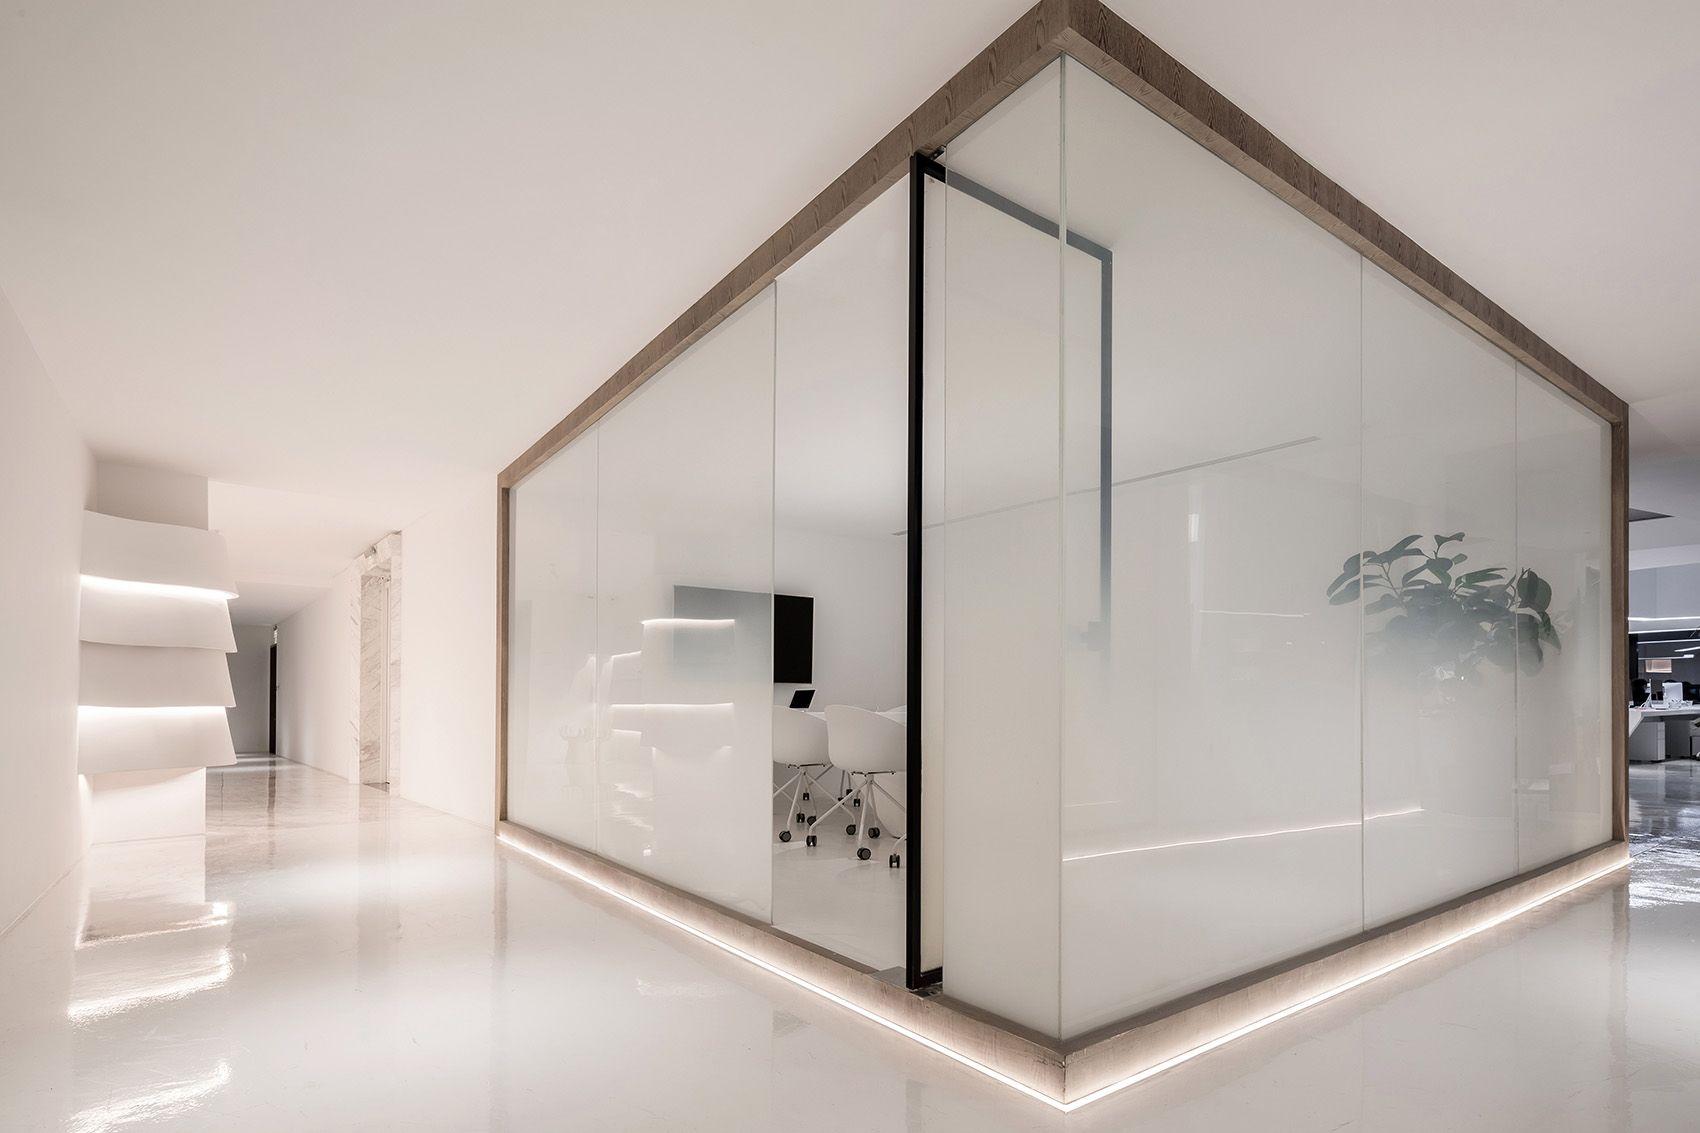 时上建筑设计   一条白裙延伸的办公空间 ! 沈墨 - 8